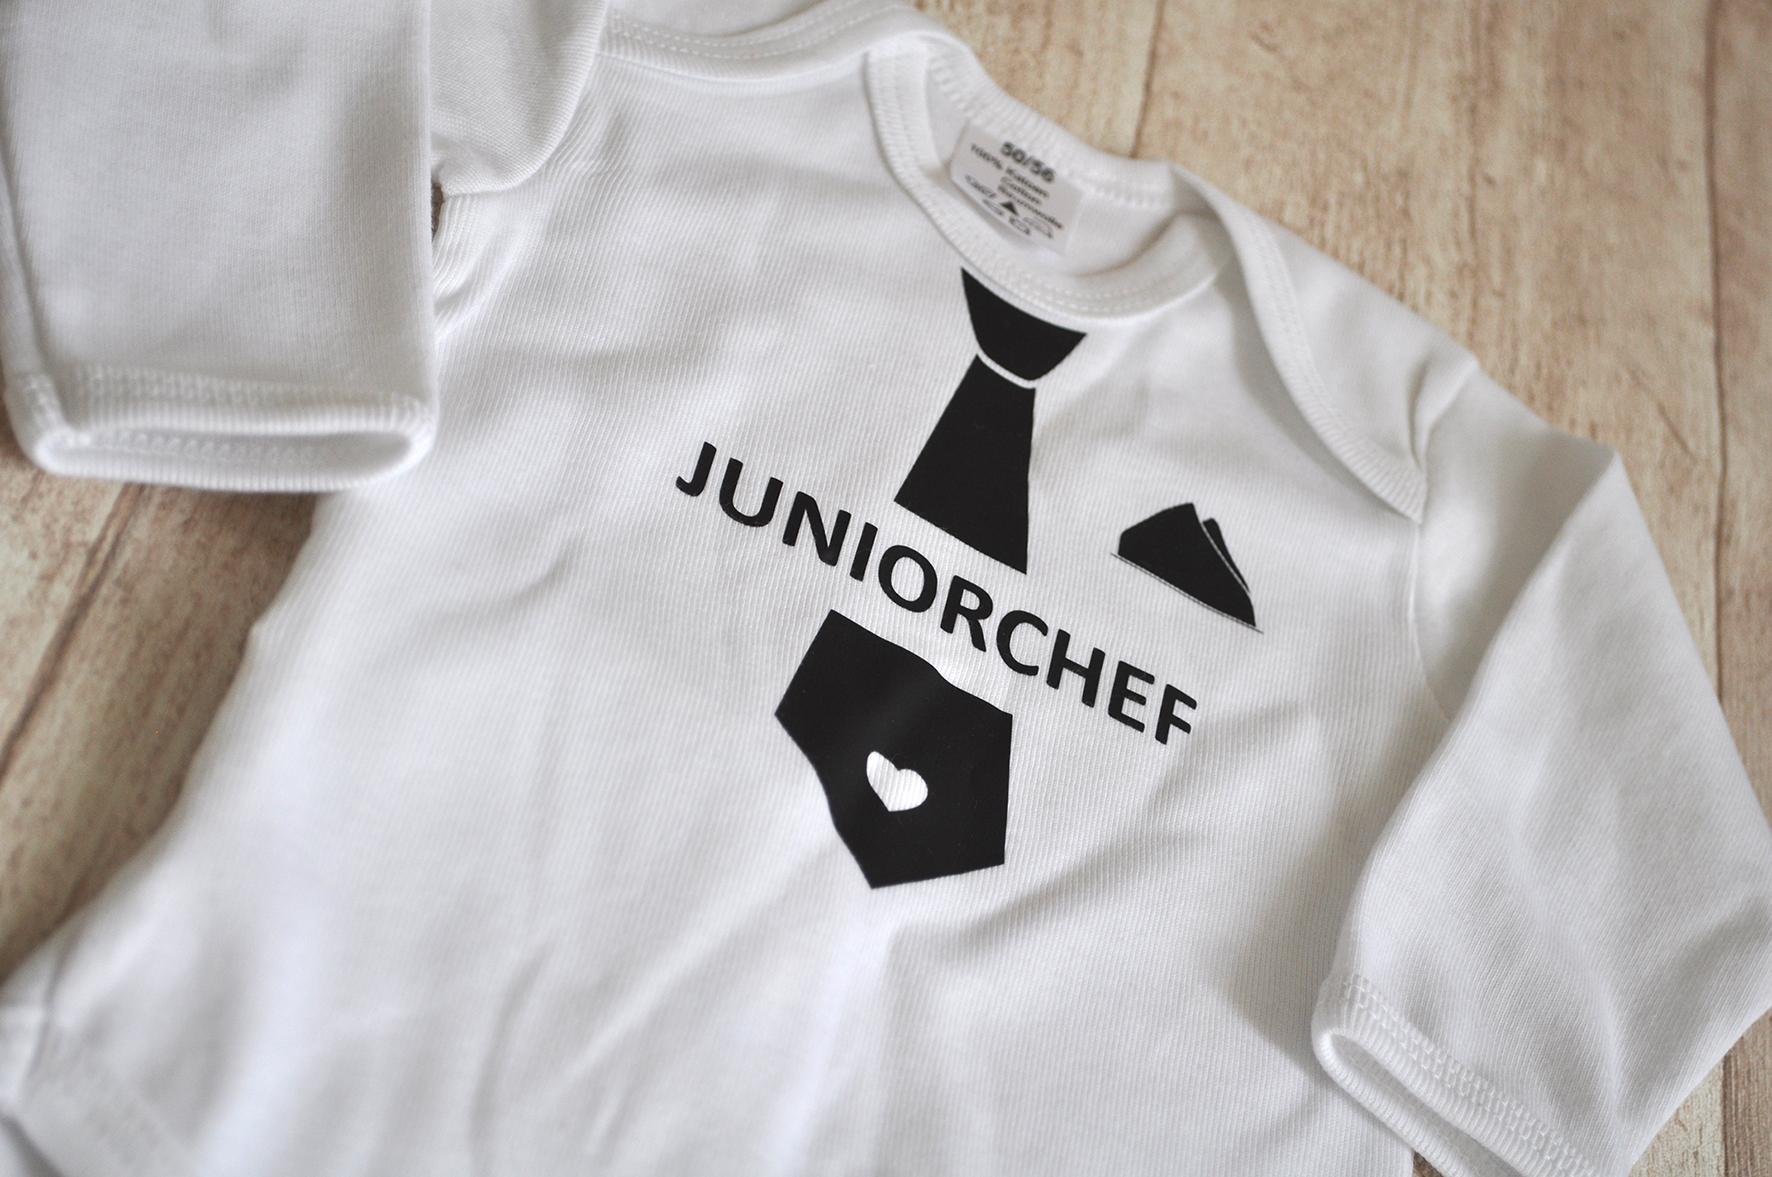 Body Juniorchef gr. 50/56